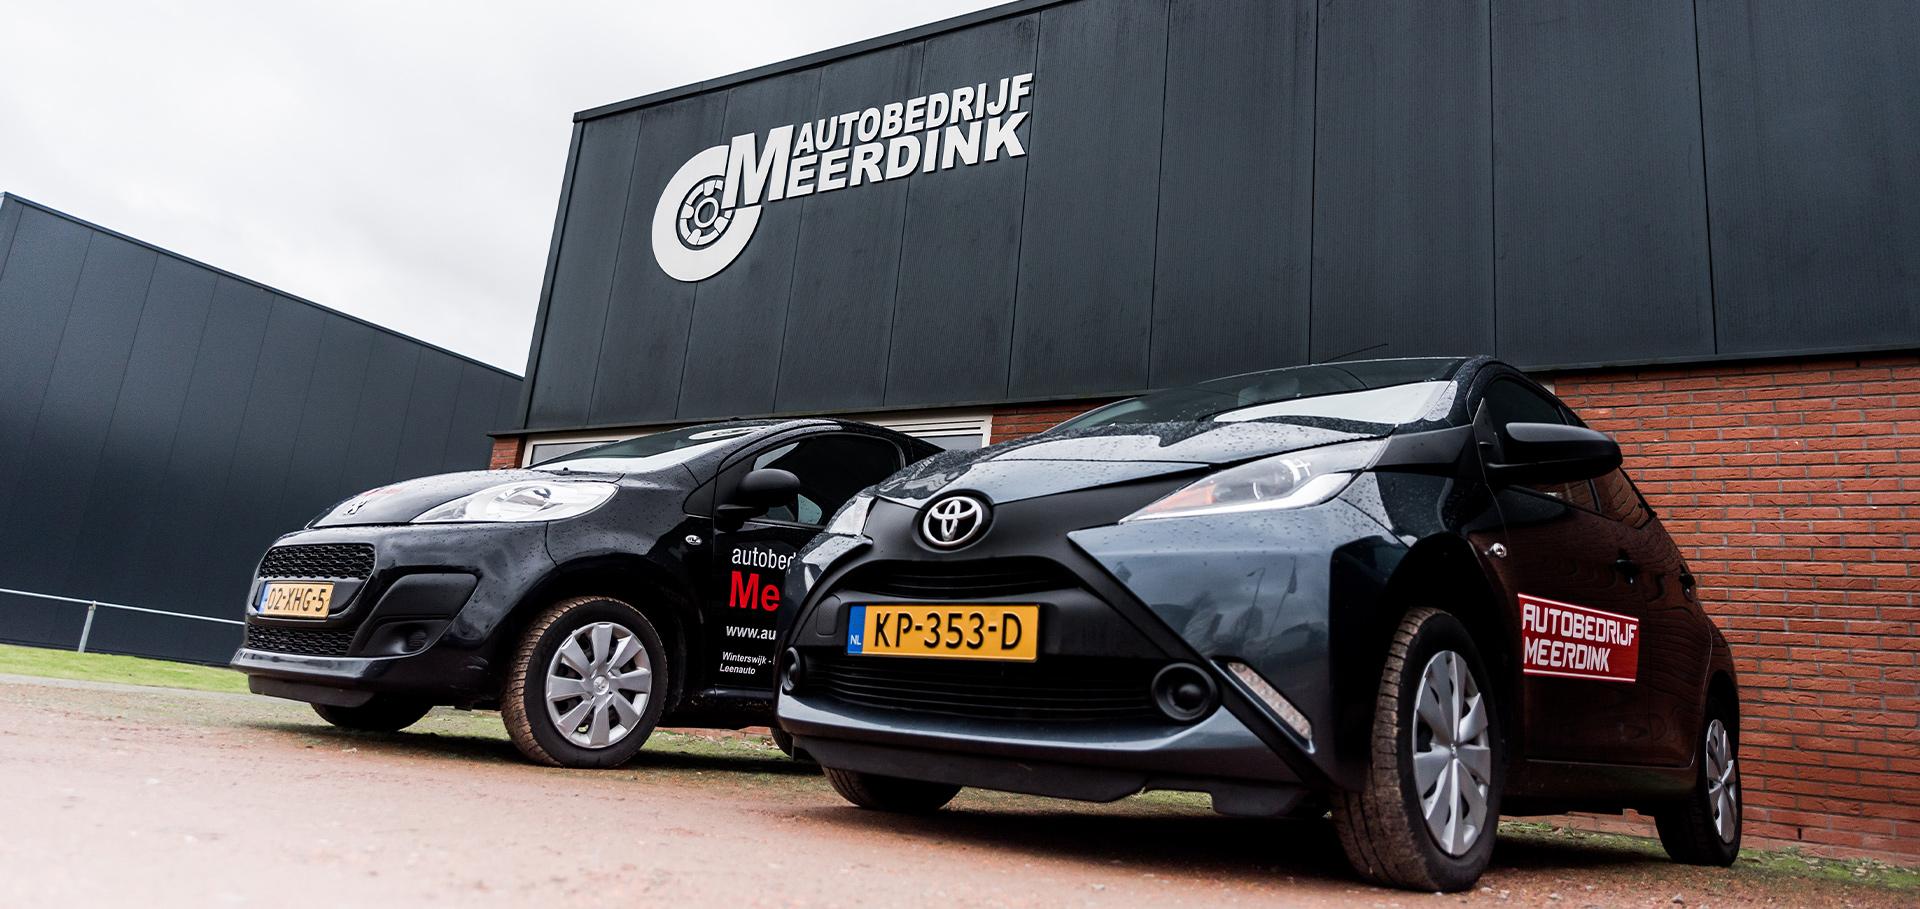 Vervangend vervoer Autobedrijf Meerdink